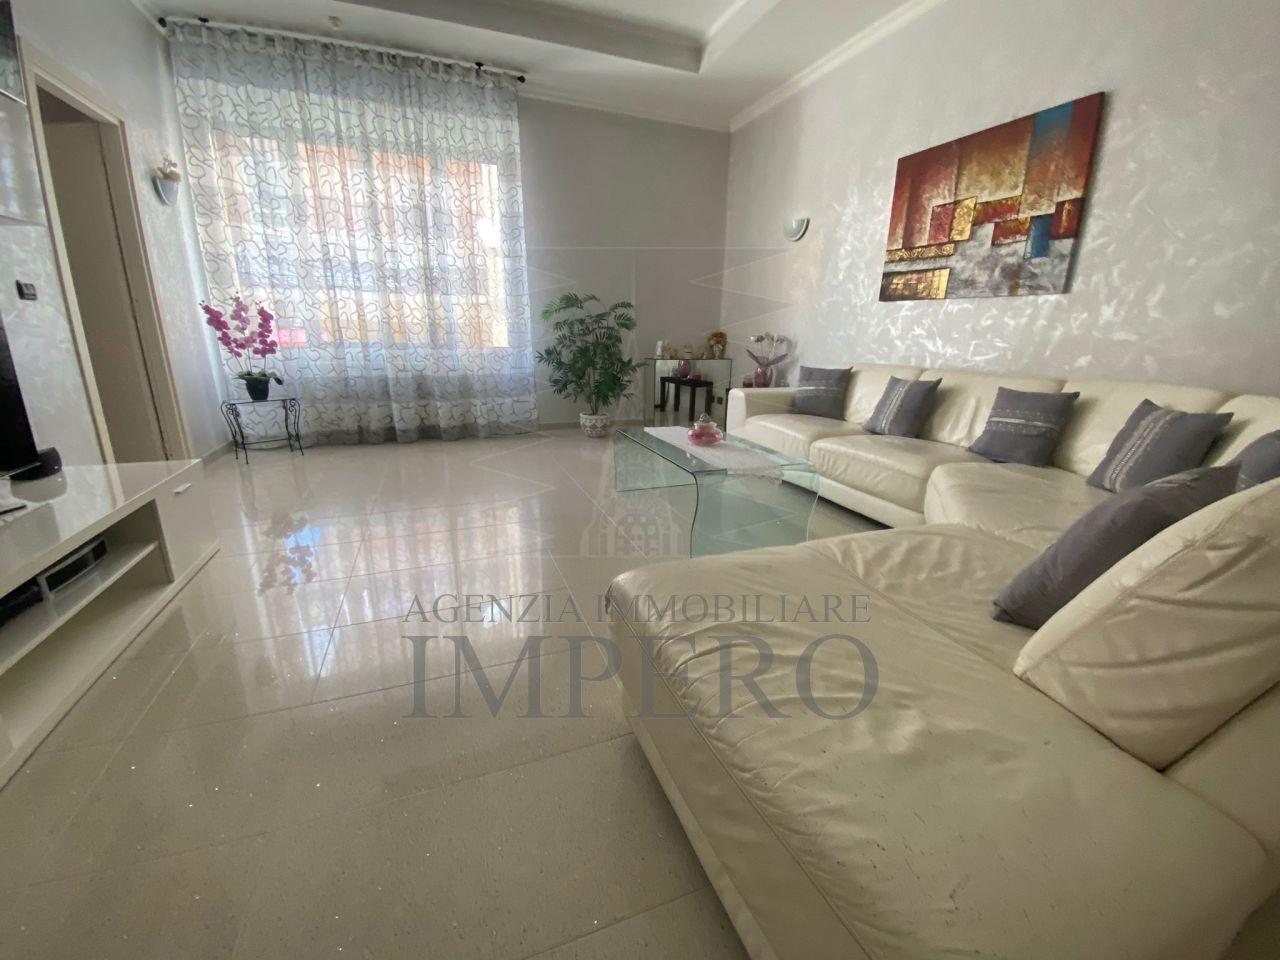 Appartamento in vendita a Ventimiglia, 4 locali, prezzo € 350.000 | PortaleAgenzieImmobiliari.it